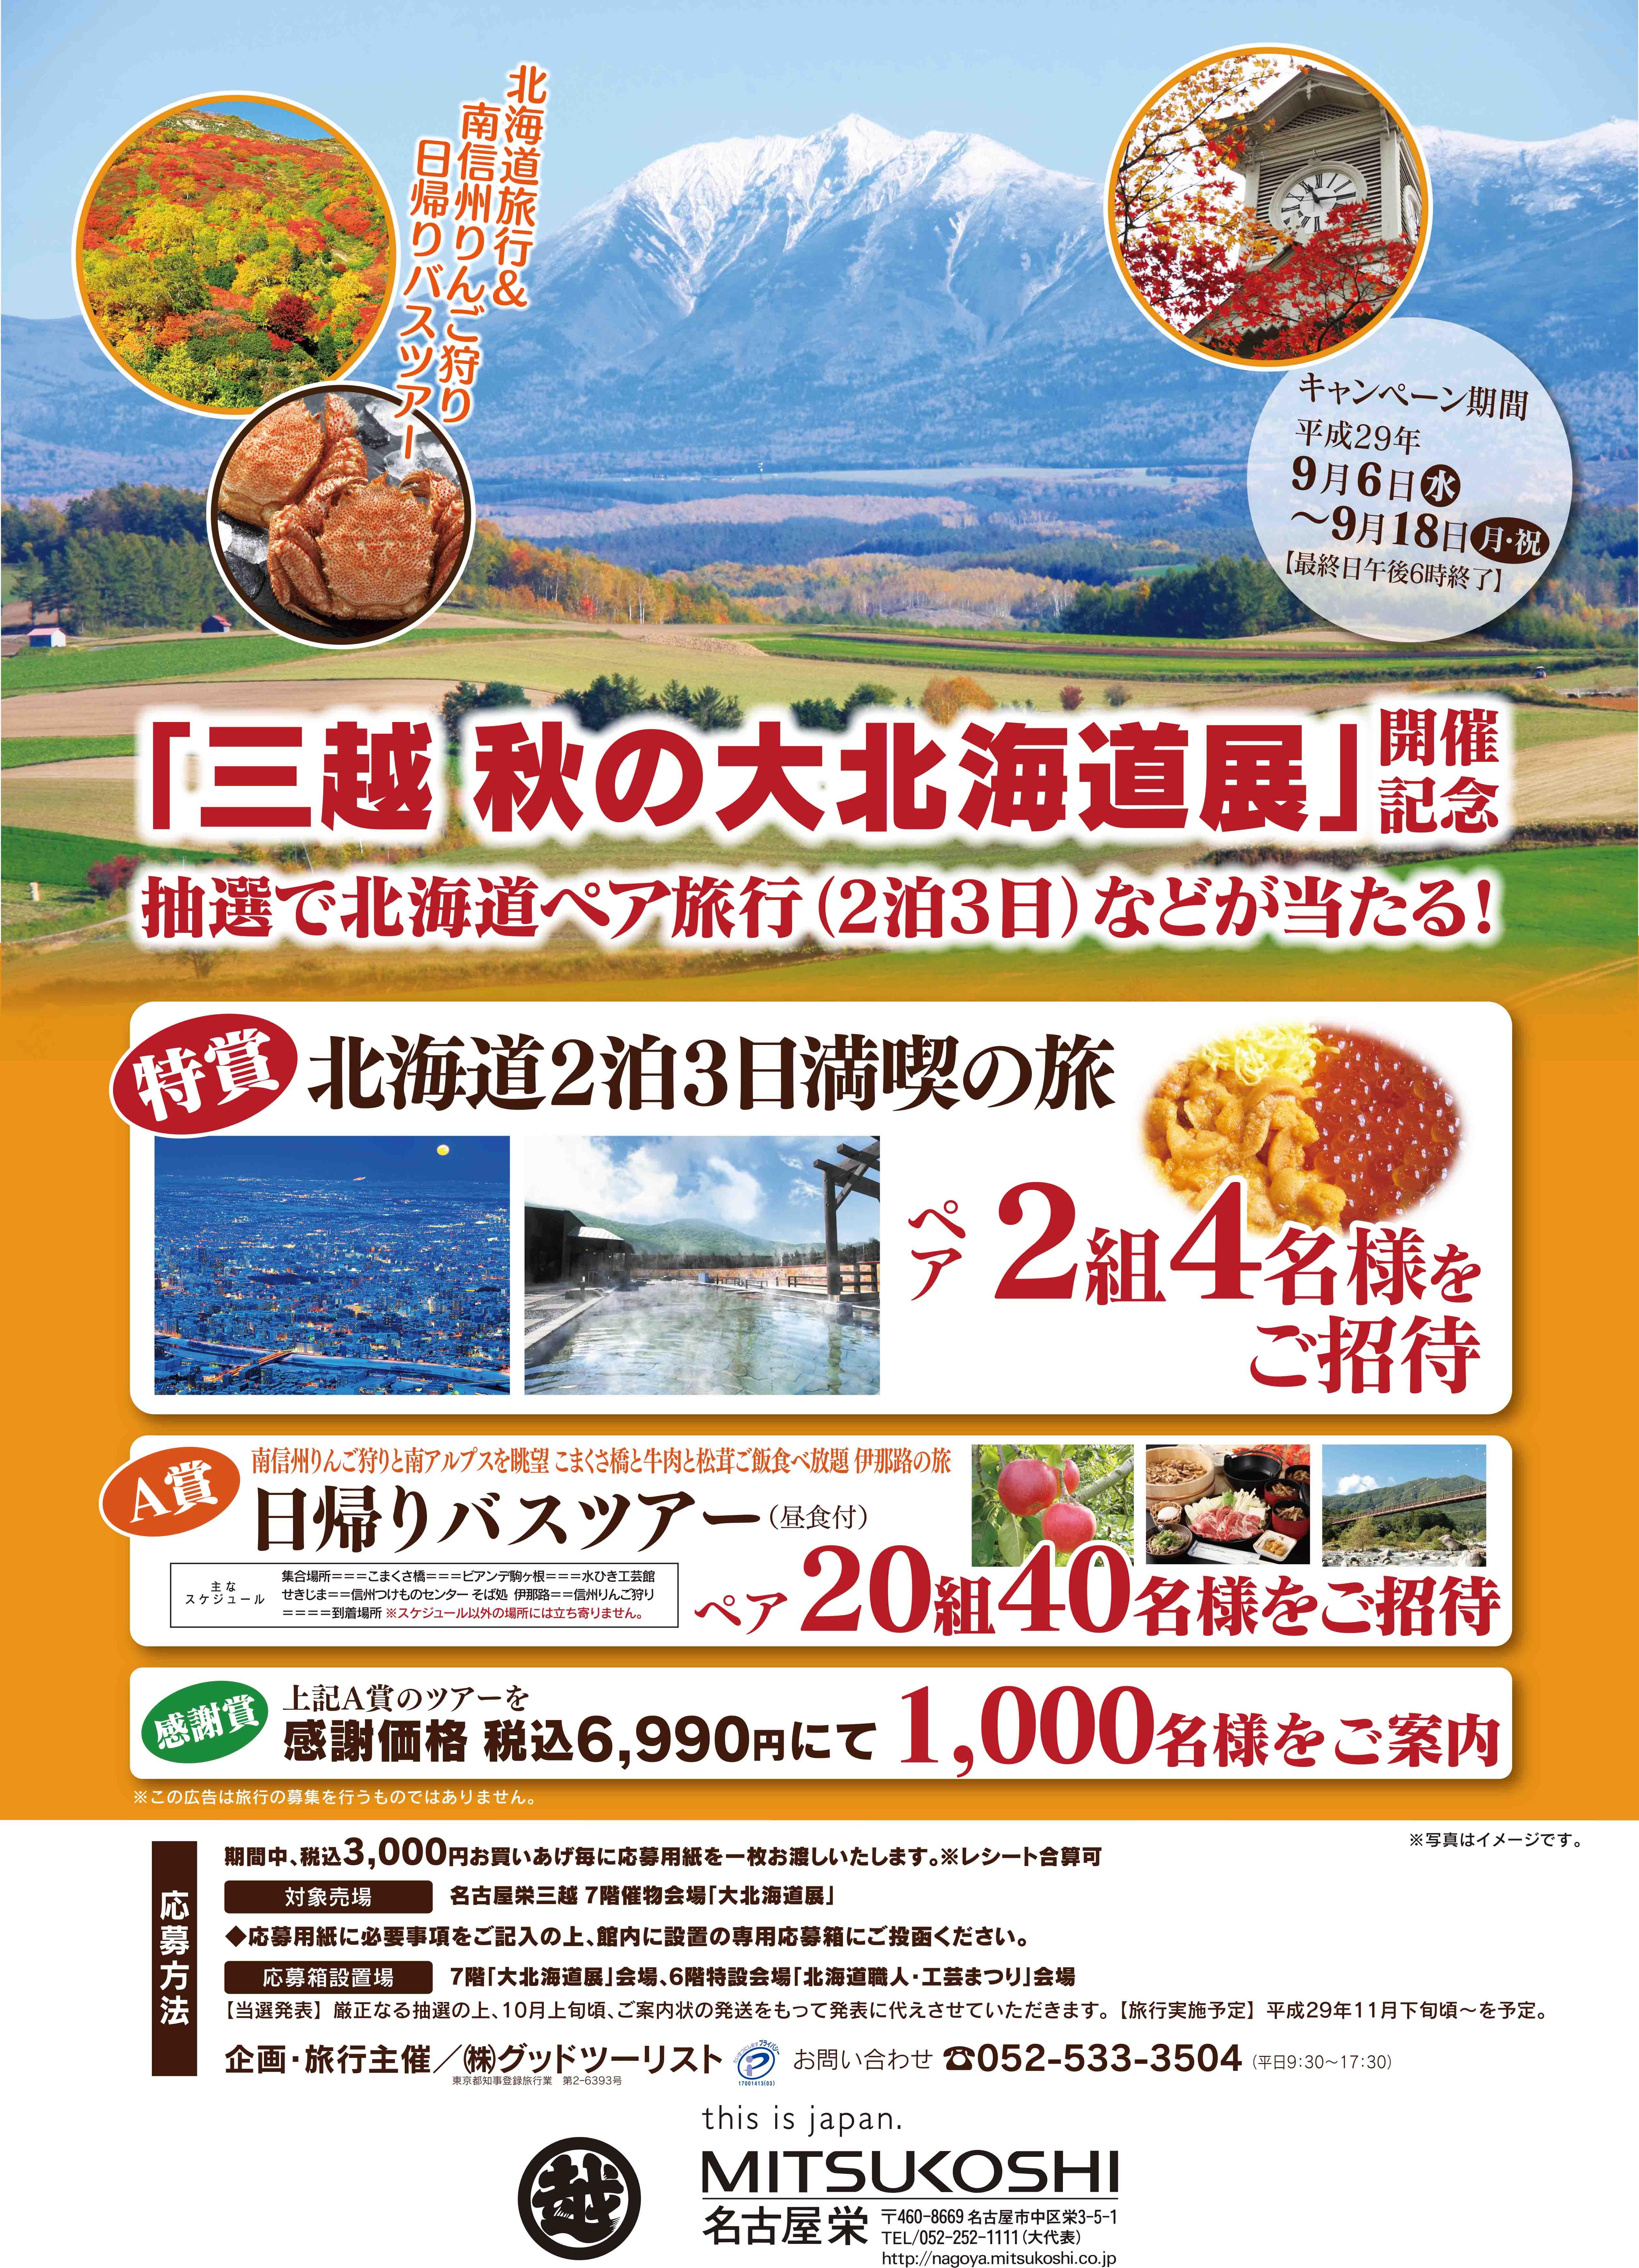 【株式会社名古屋三越様】名古屋栄三越   秋の大北海道展 旅行プレゼントキャンペーン 実施中しました